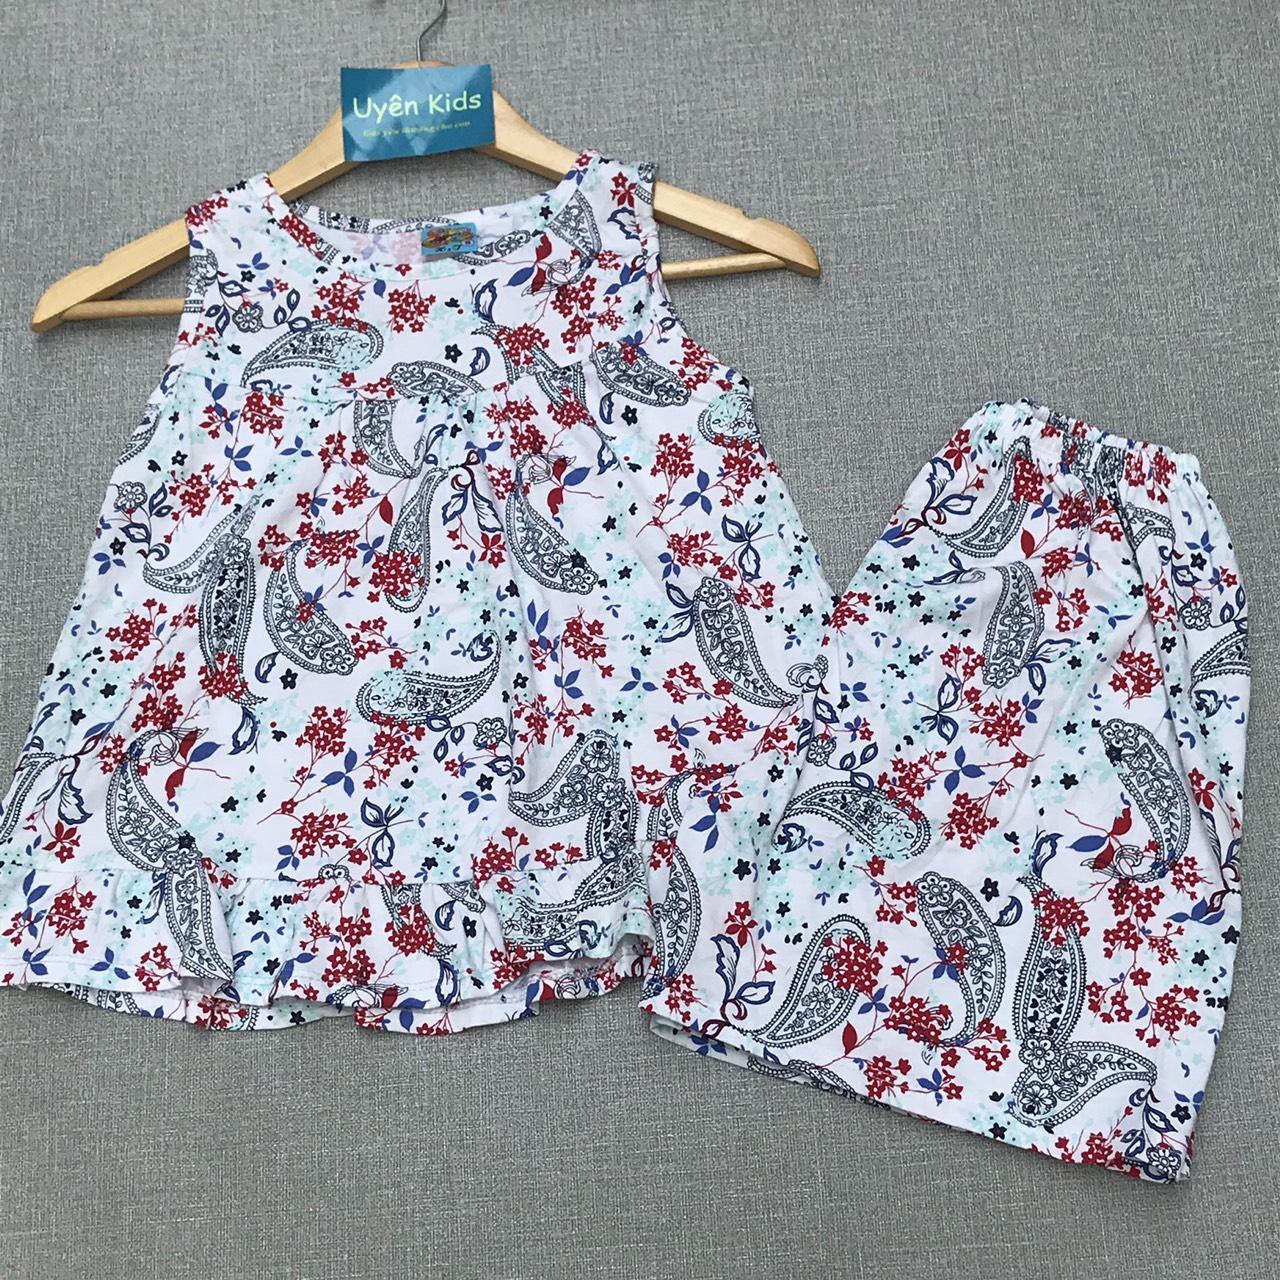 Giá bán Bộ bèo sát nách cho bé gái từ 30-50kg nhiều màu, (bộ bé gái, bộ đồ nữ, bộ mặc nhà)